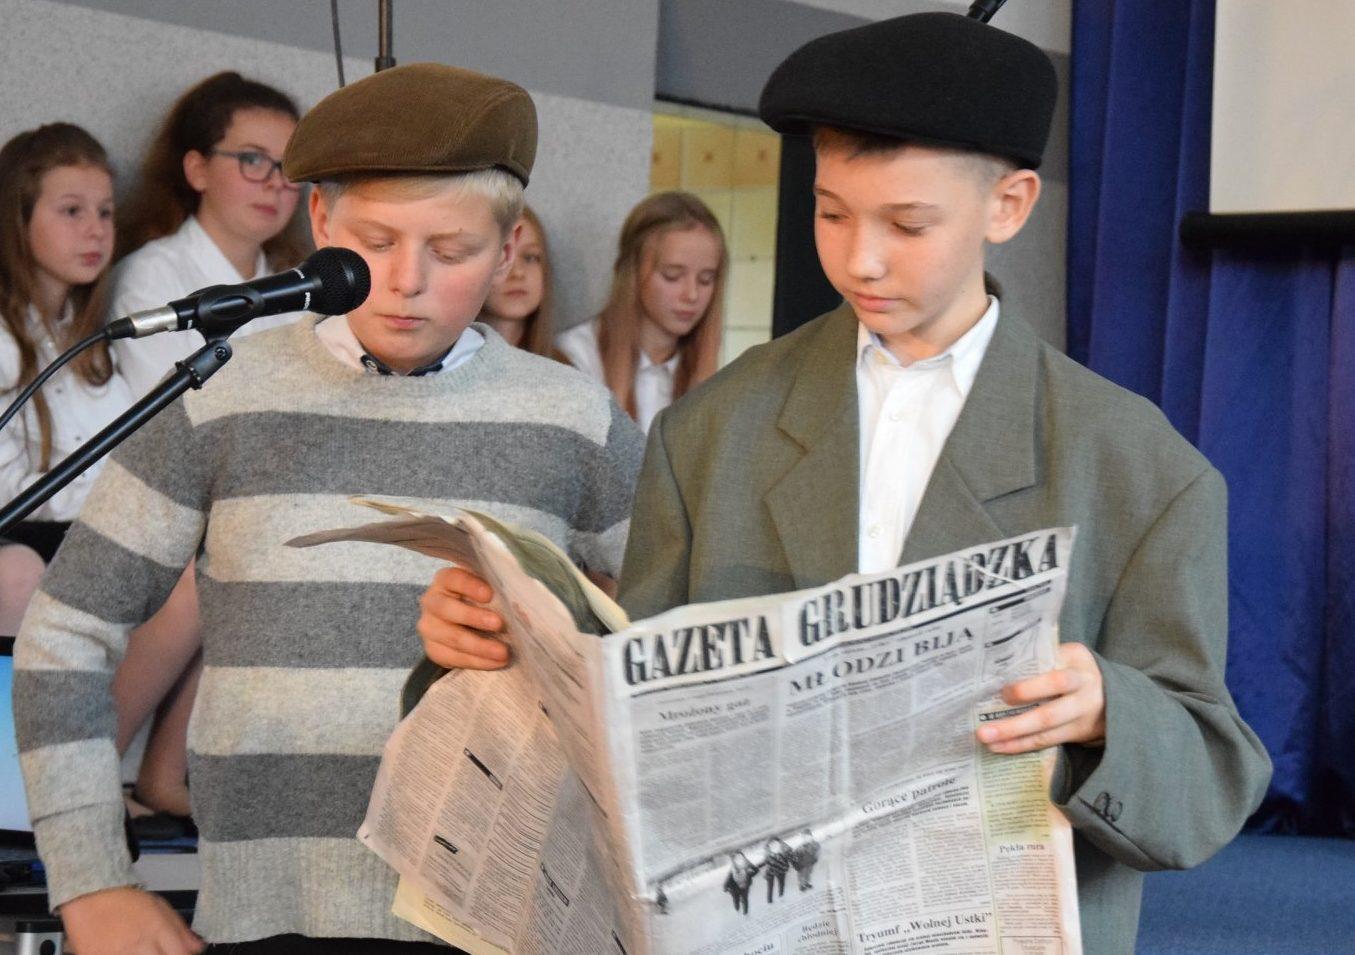 W Gminie Linia uczniowie strajkowali w obronie języka polskiego. Teraz upamiętniono ich odwagę